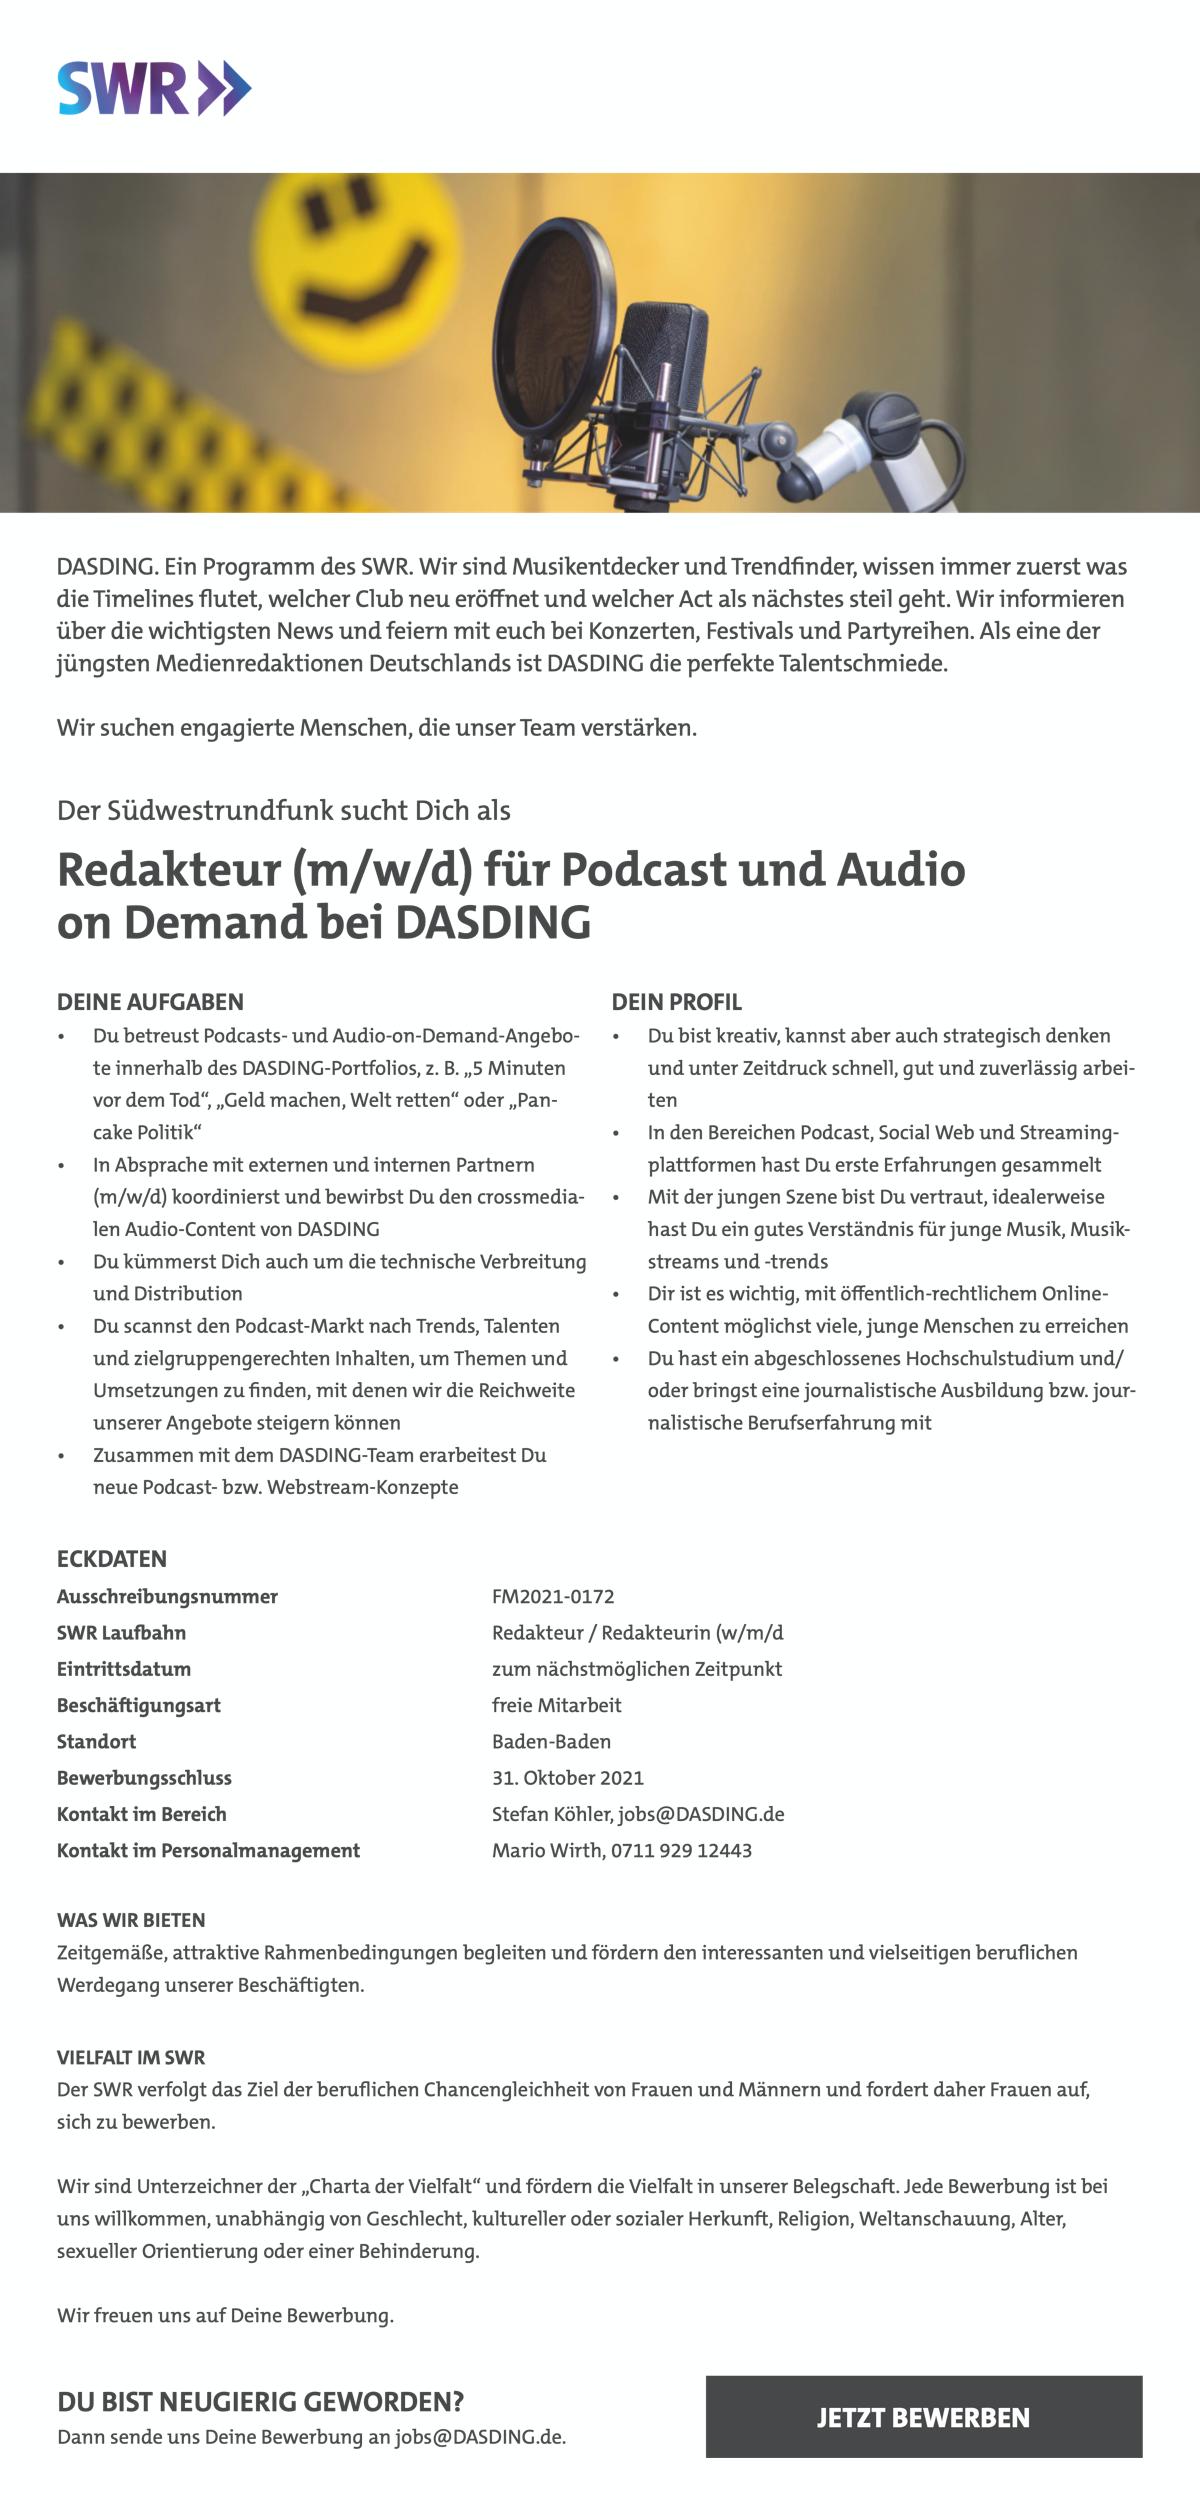 Der Südwestrundfunk sucht Dich als Redakteur (m/w/d) für Podcast und Audio on Demand bei DASDING